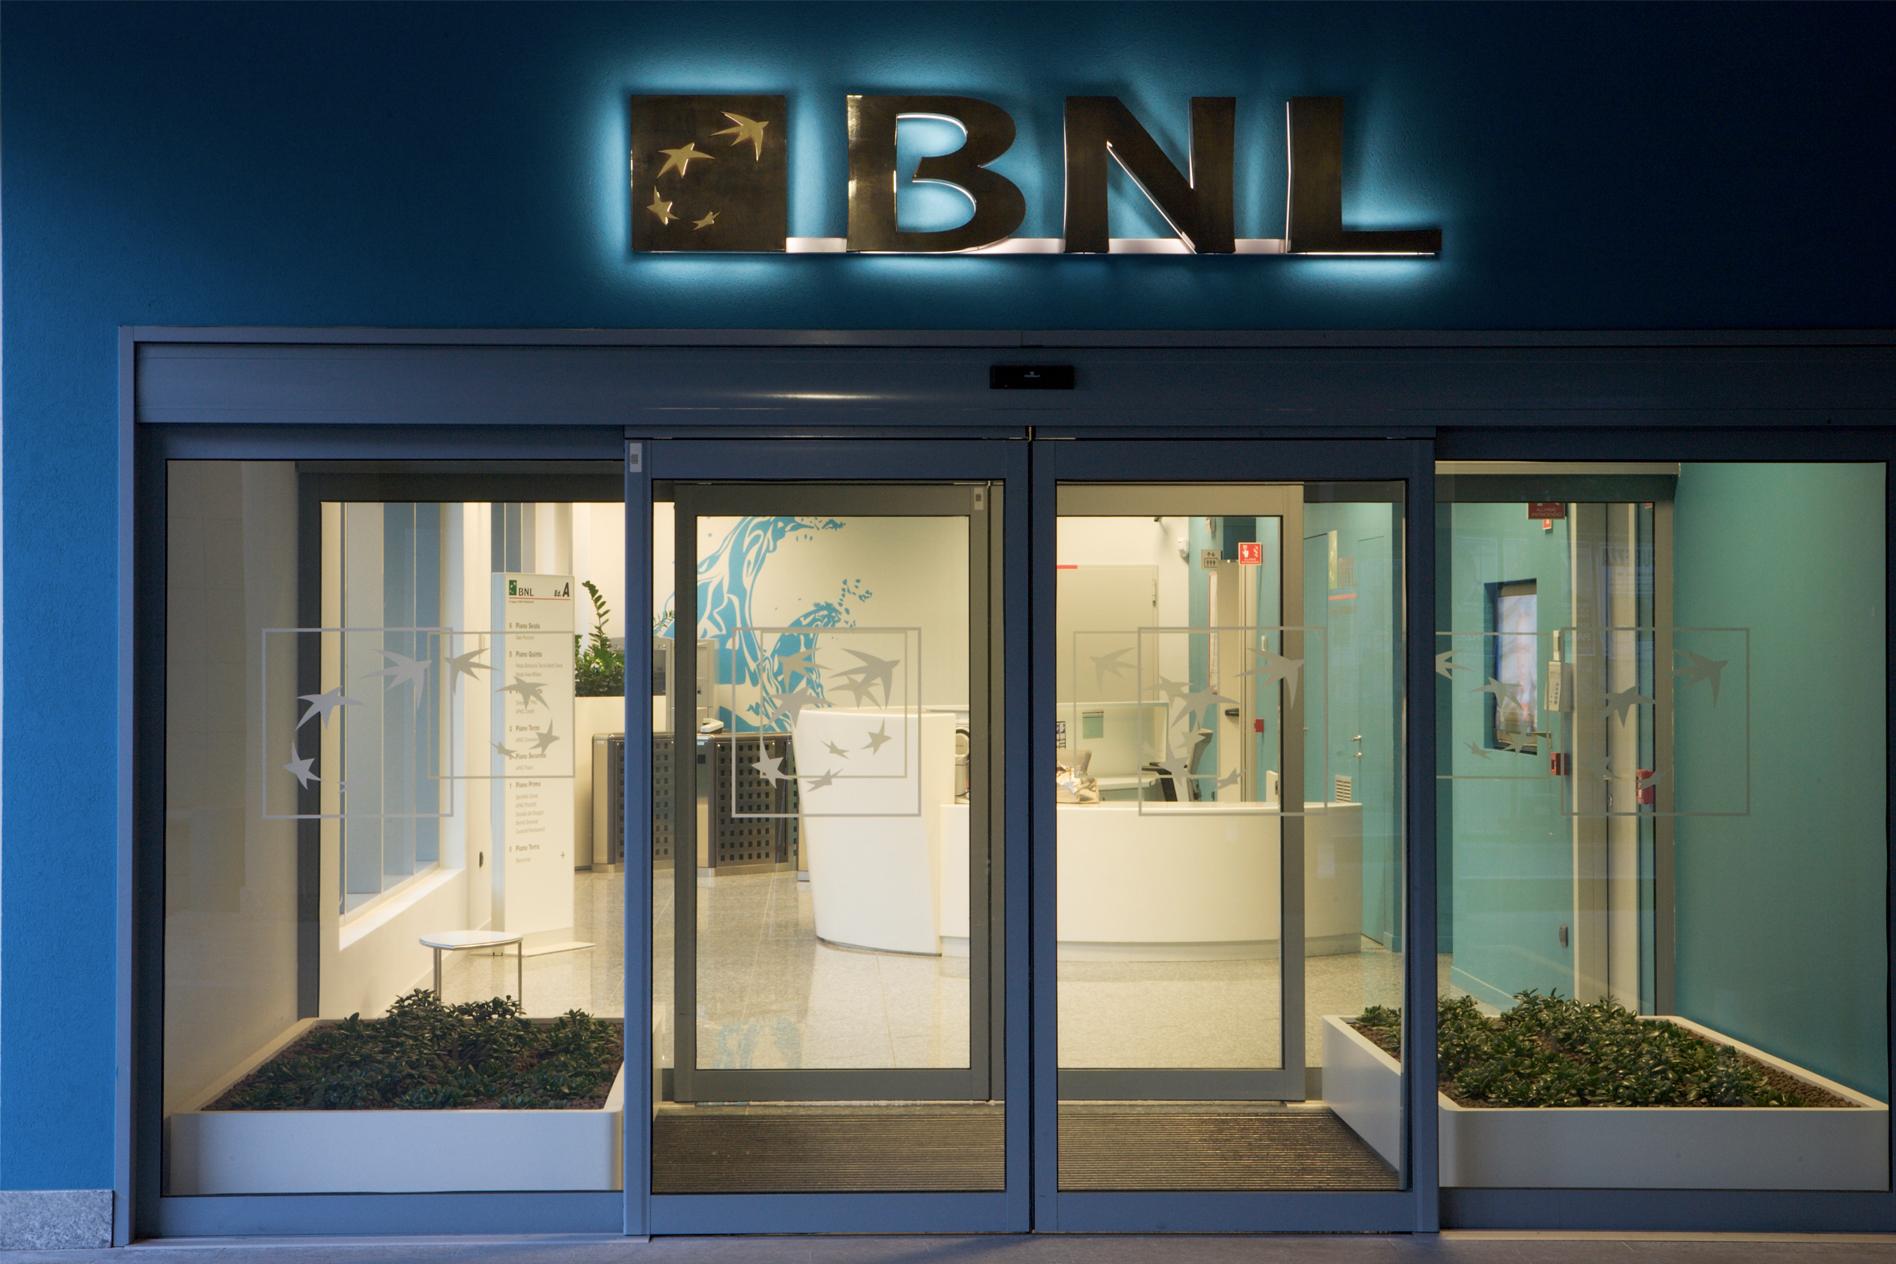 BNL03